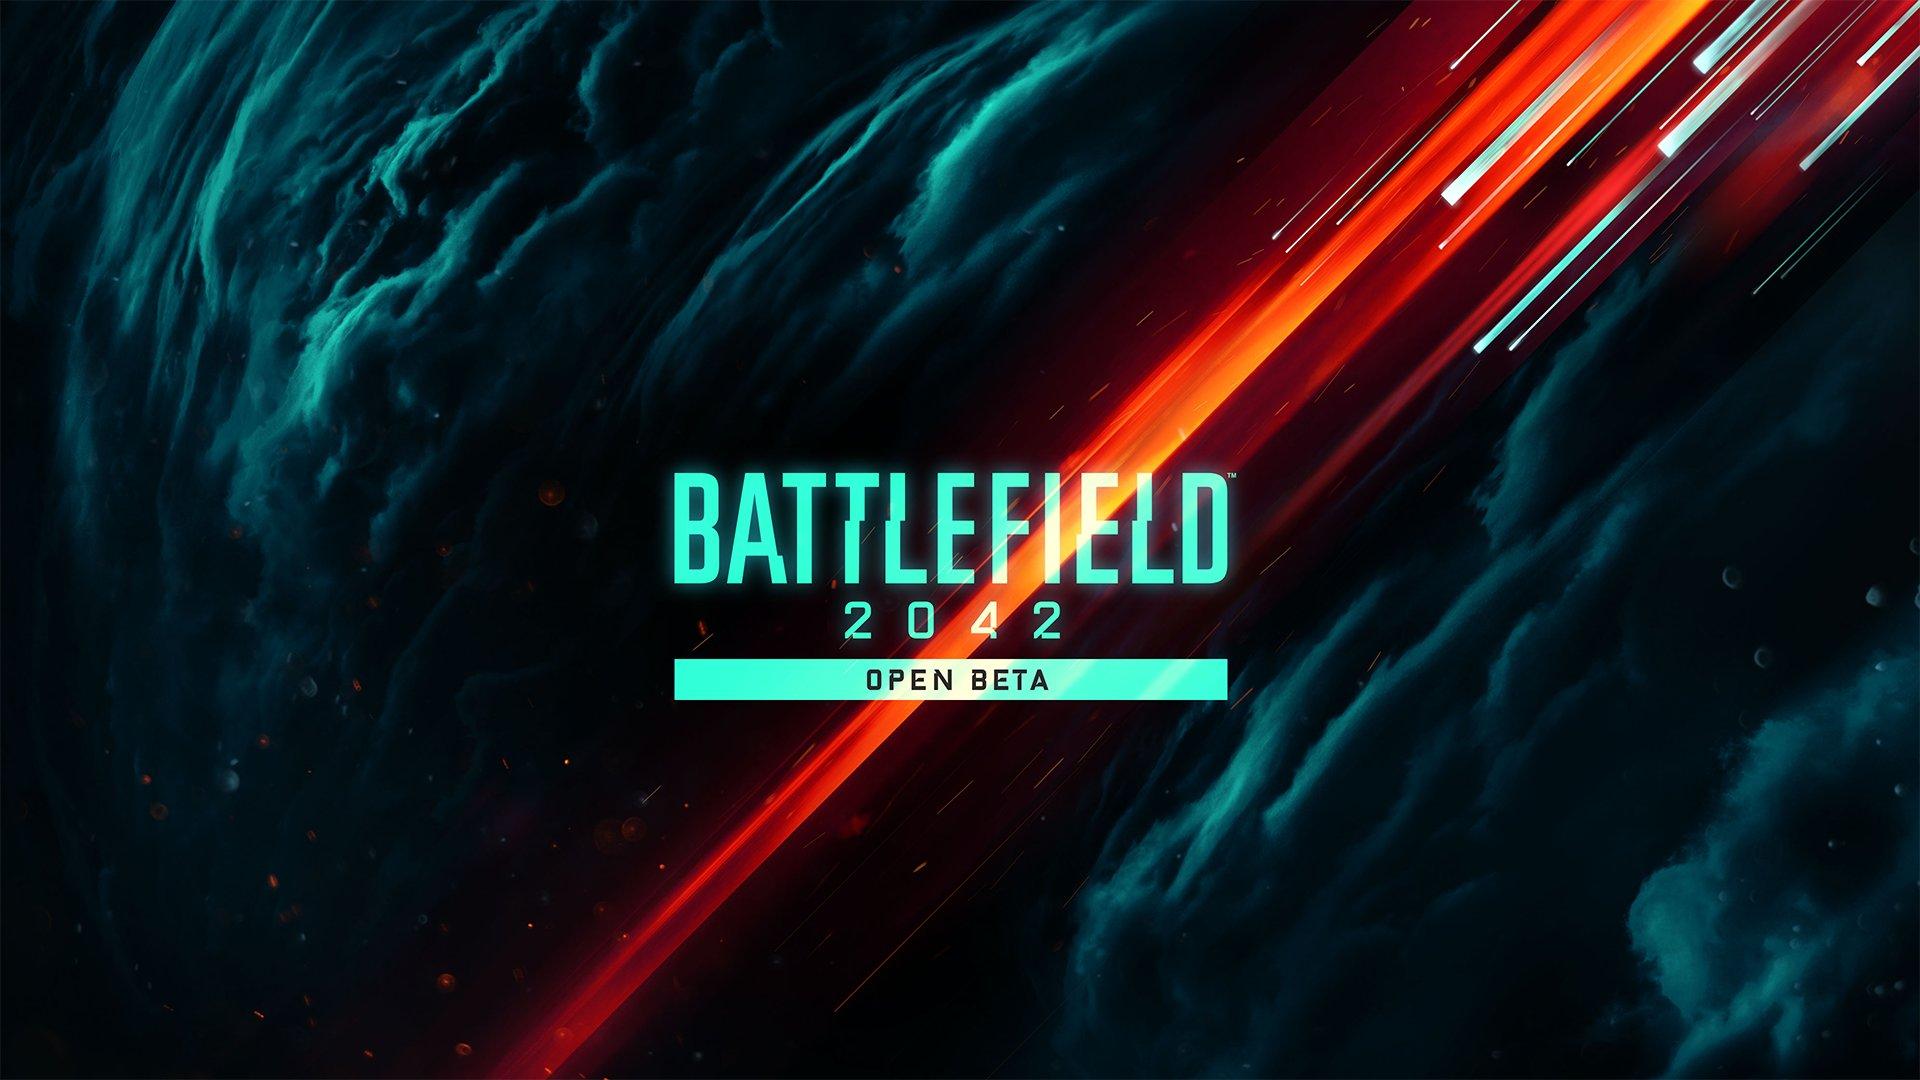 Battlefield beta preview gamersrd 5d